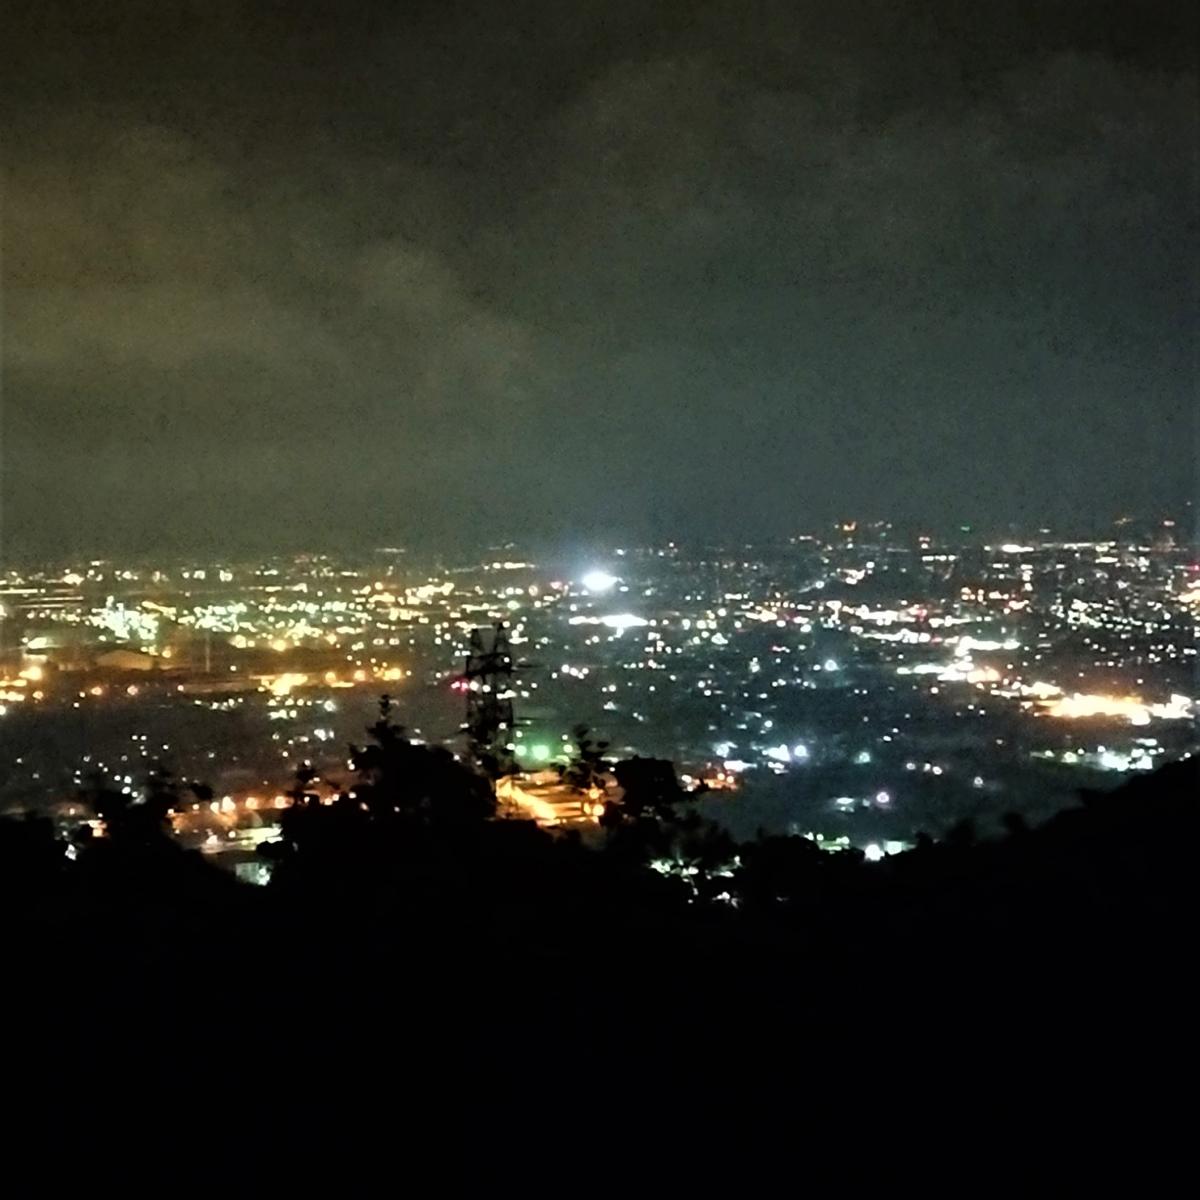 鷲羽山第二展望台からの夜景